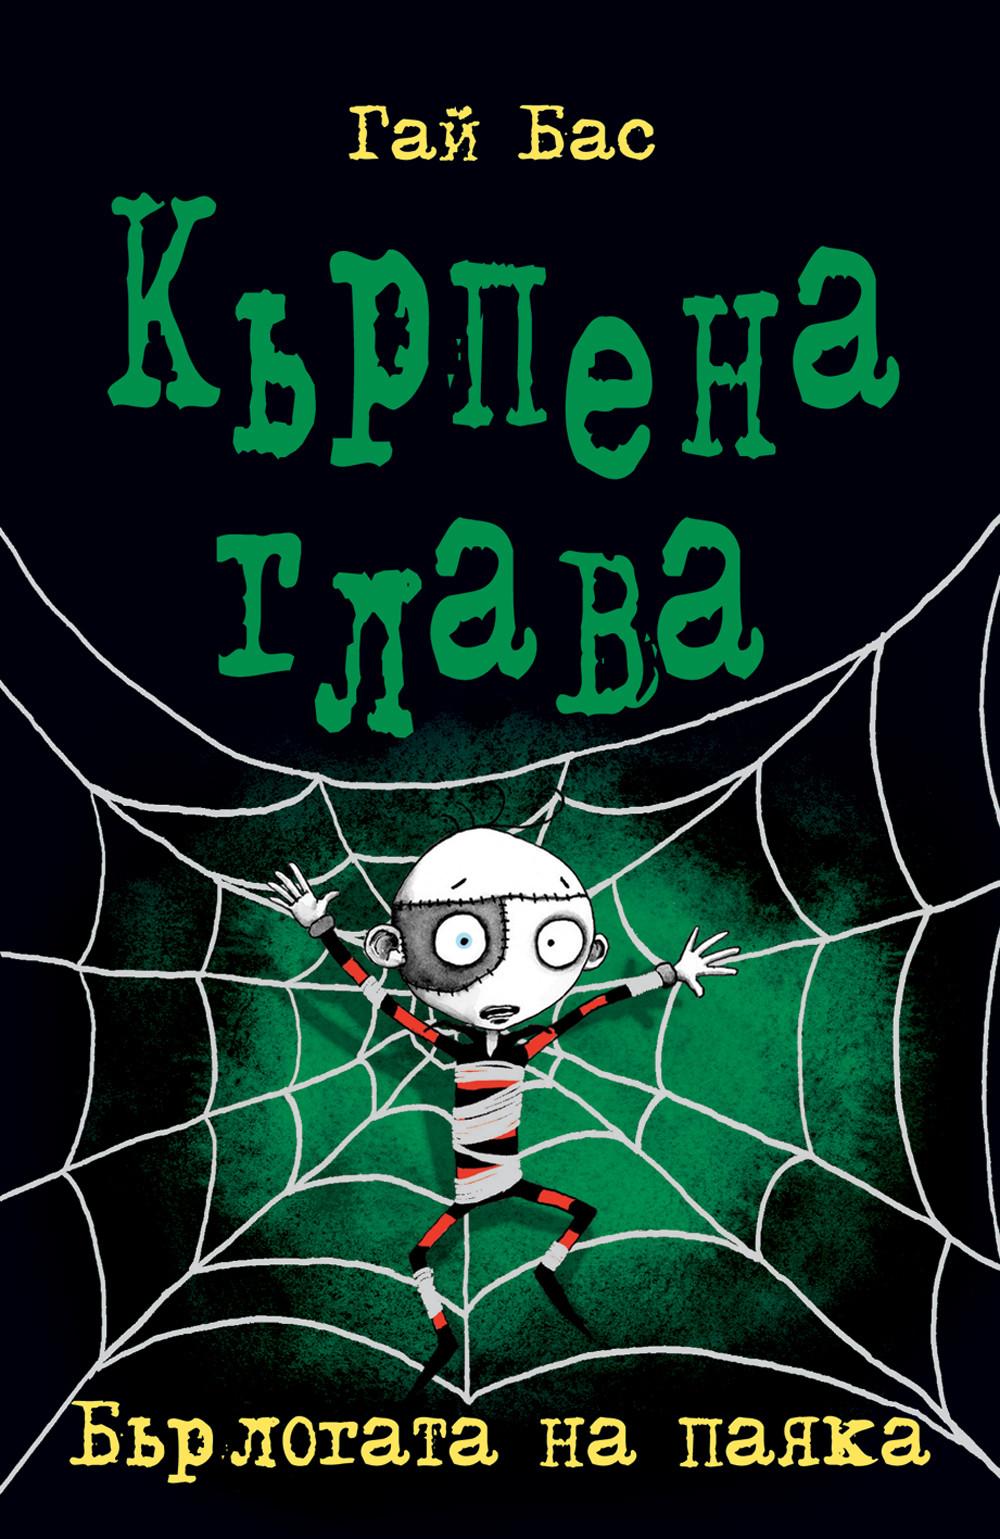 Кърпена глава 4 - Бърлогата на паяка